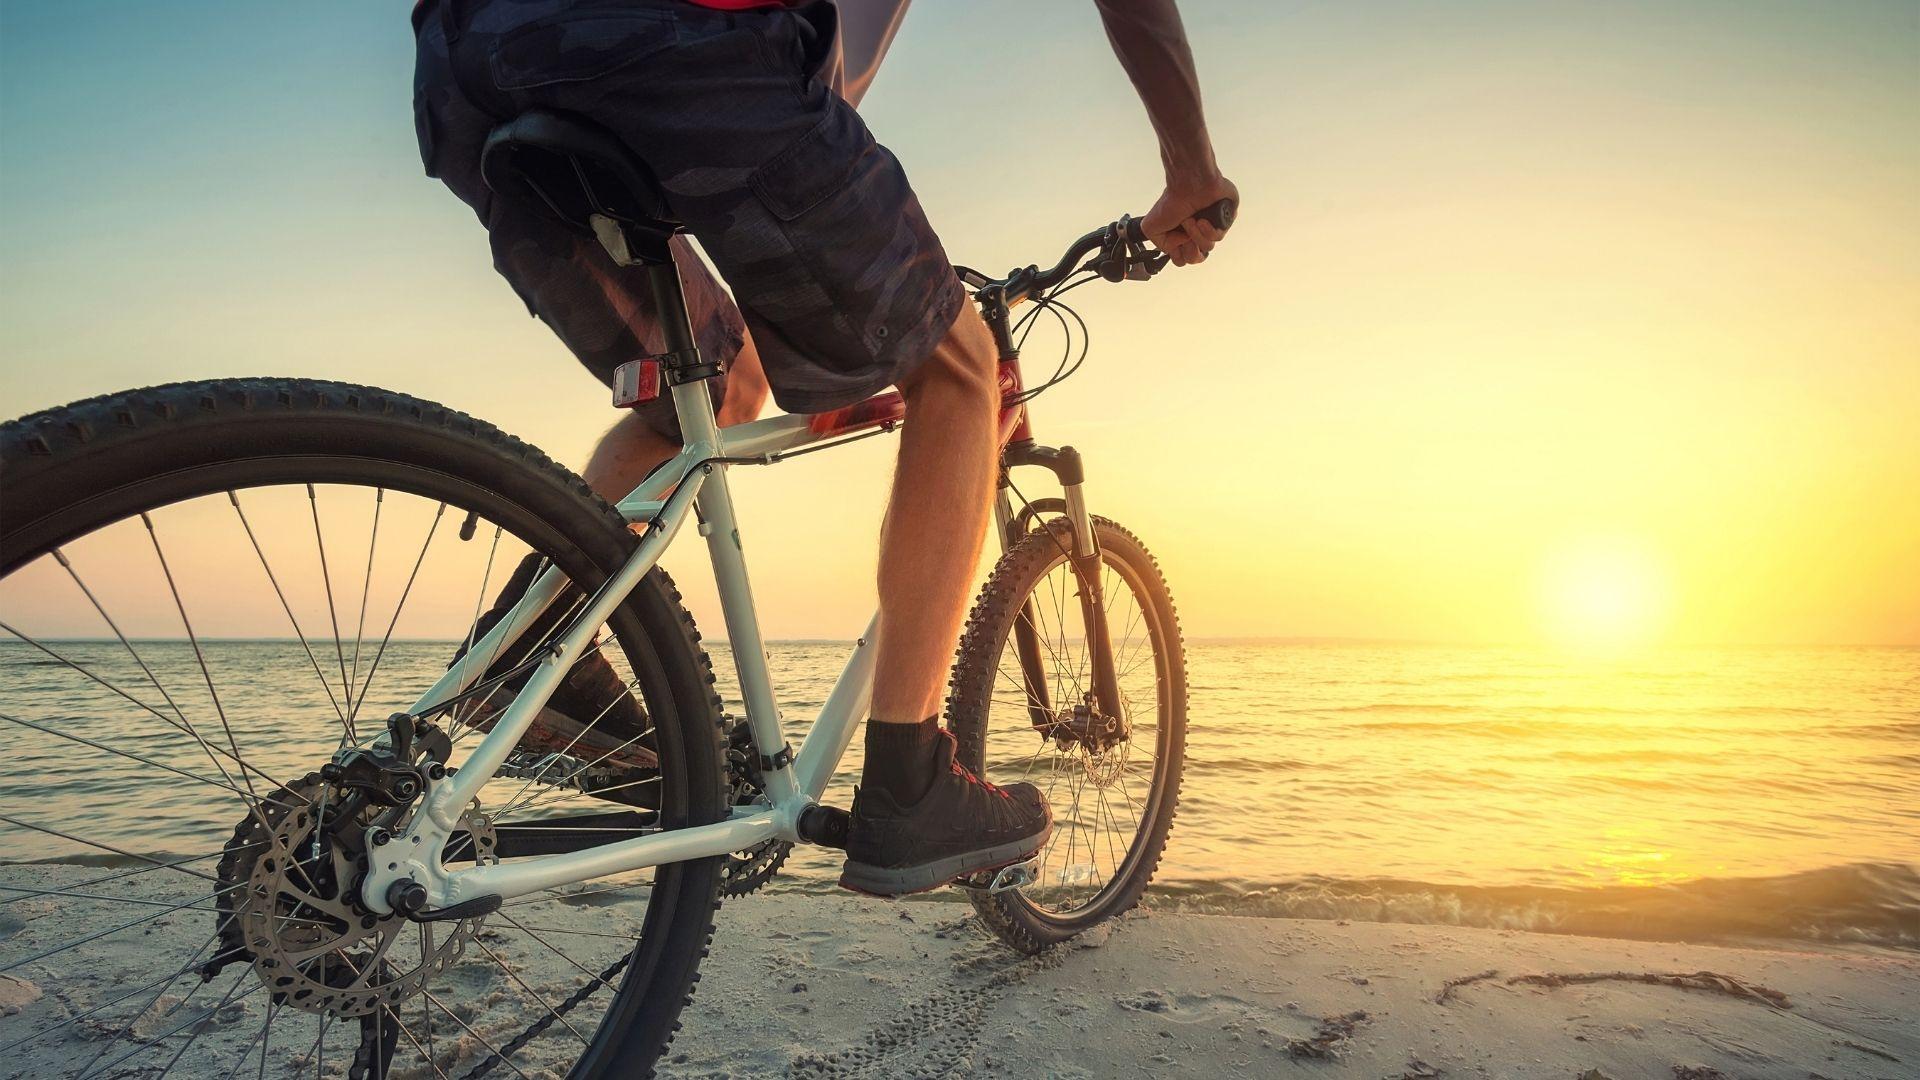 noleggio bici abruzzo